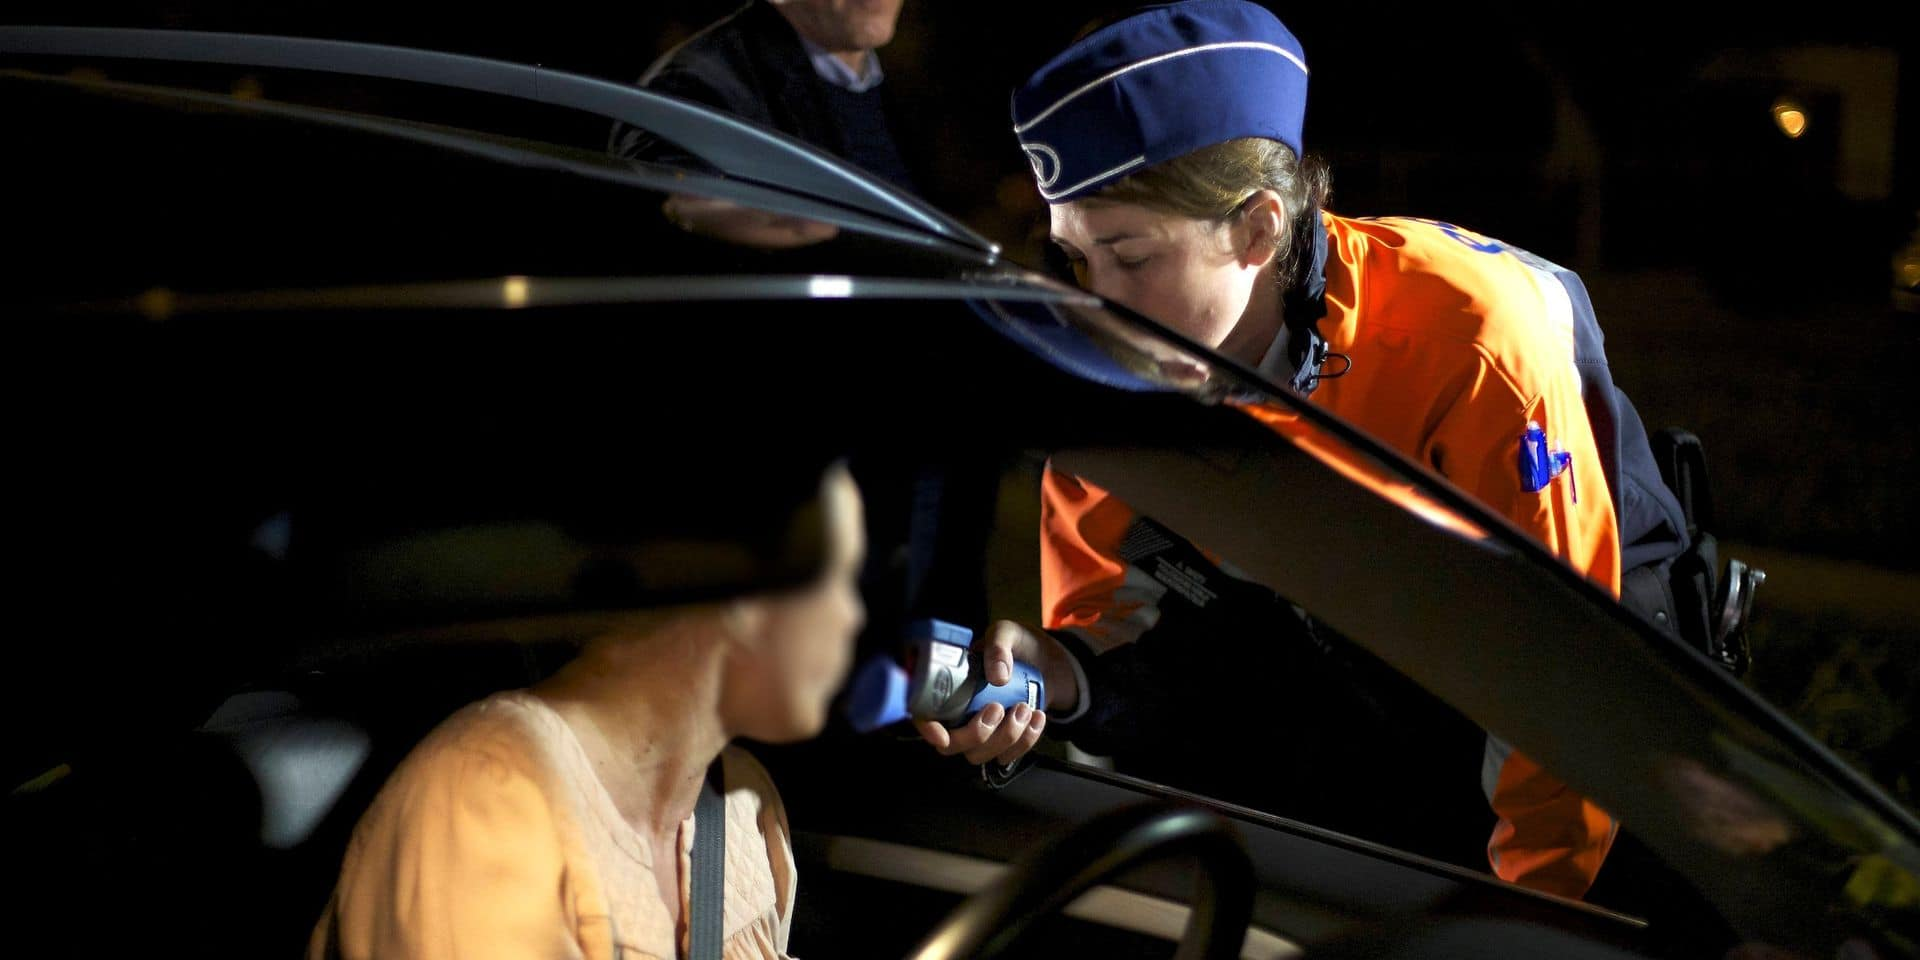 Les conducteurs moins sous l'influence de l'alcool mais plus sous emprise de la drogue